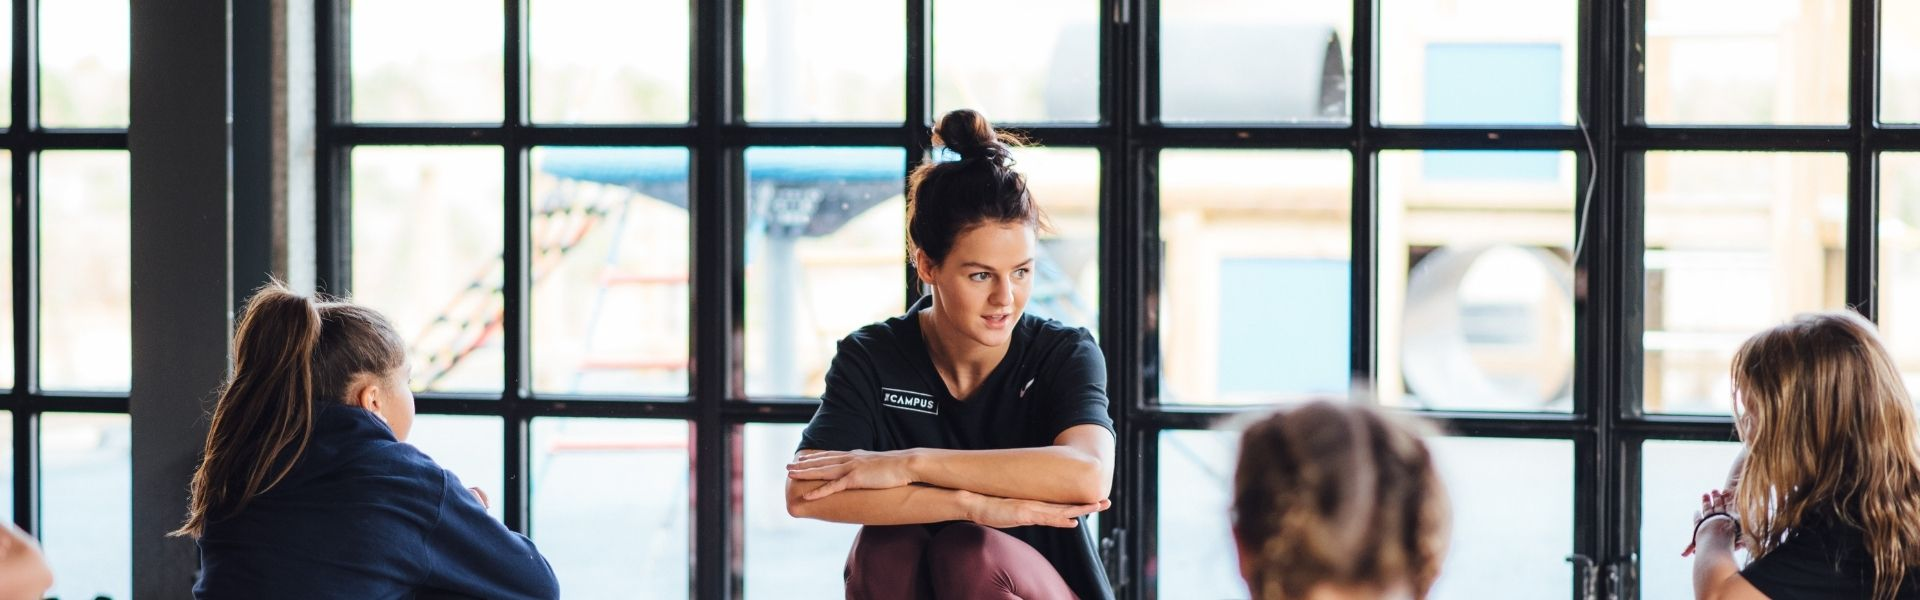 Online Dance Camp Lauren Jamieson